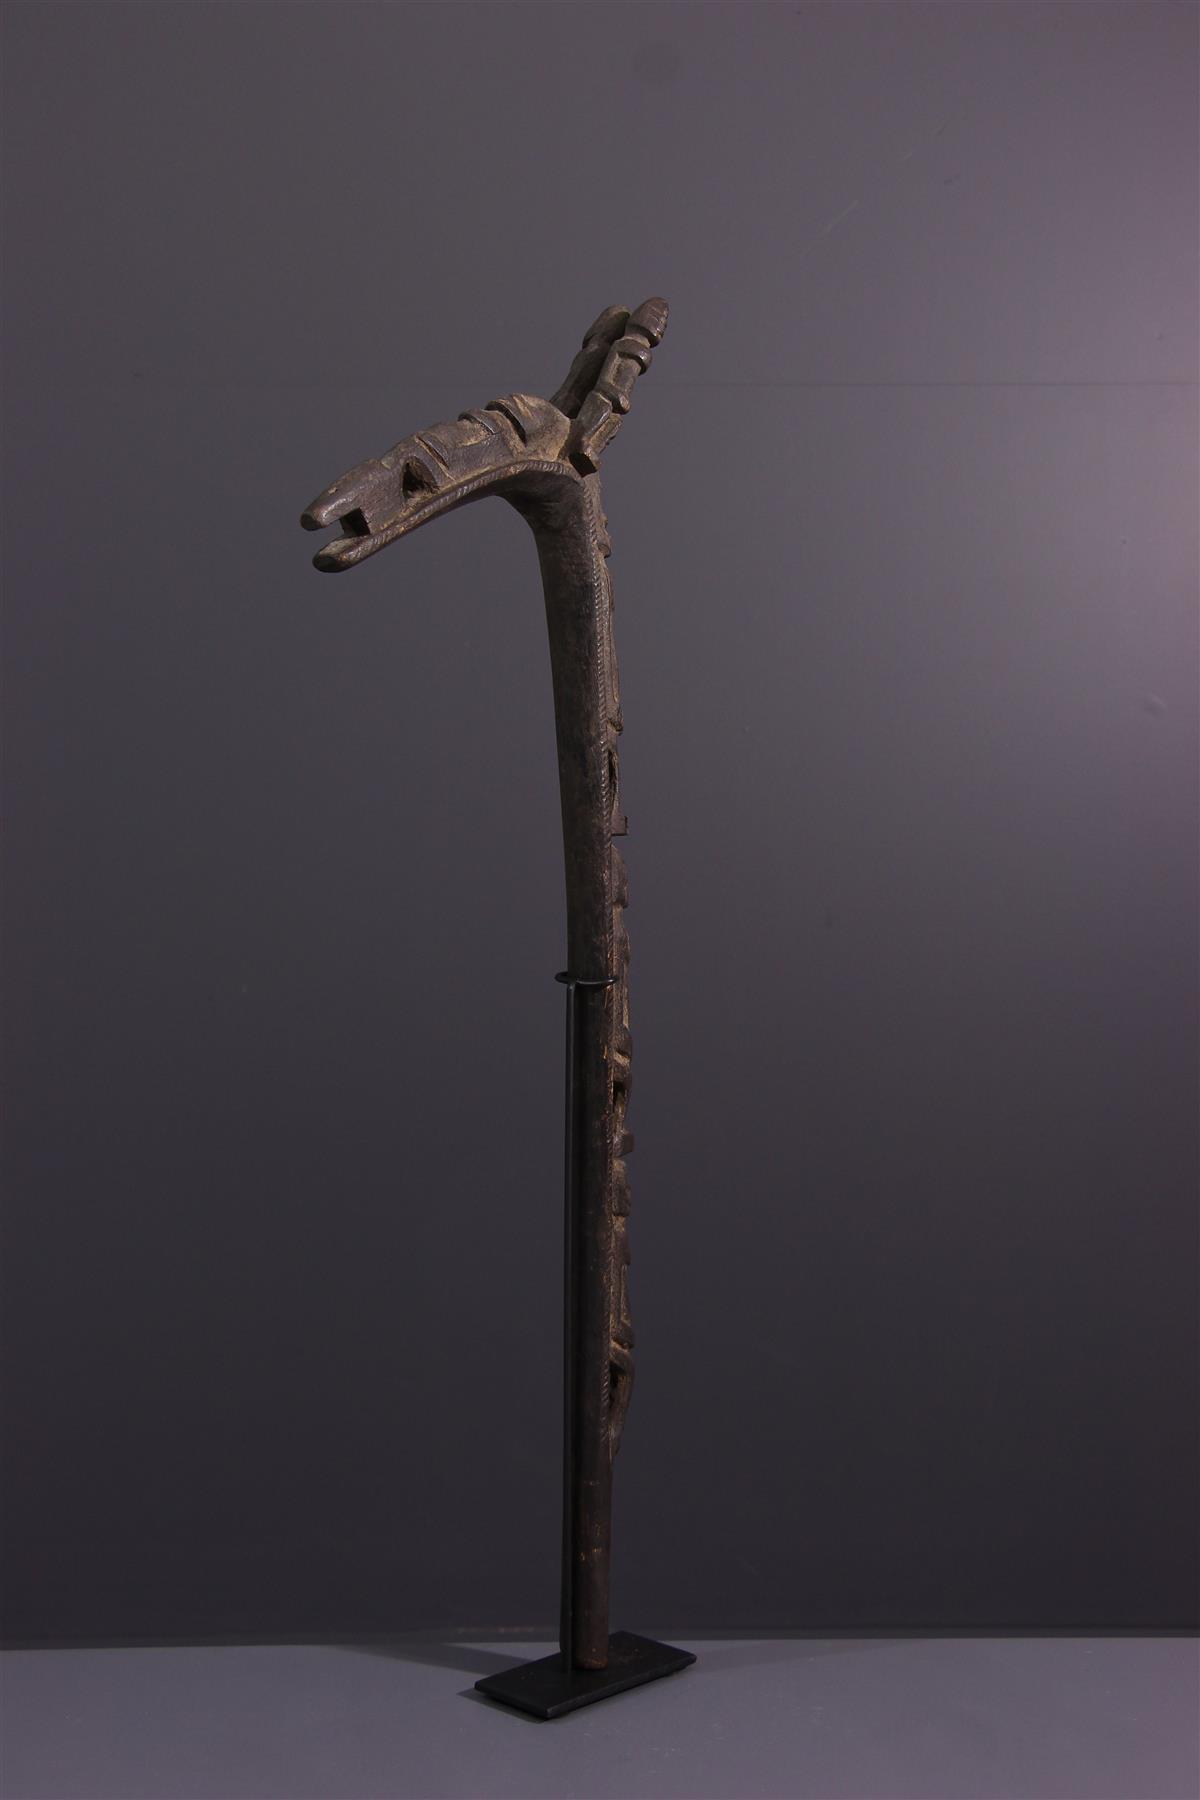 Sceptre Dogon - Tribal art